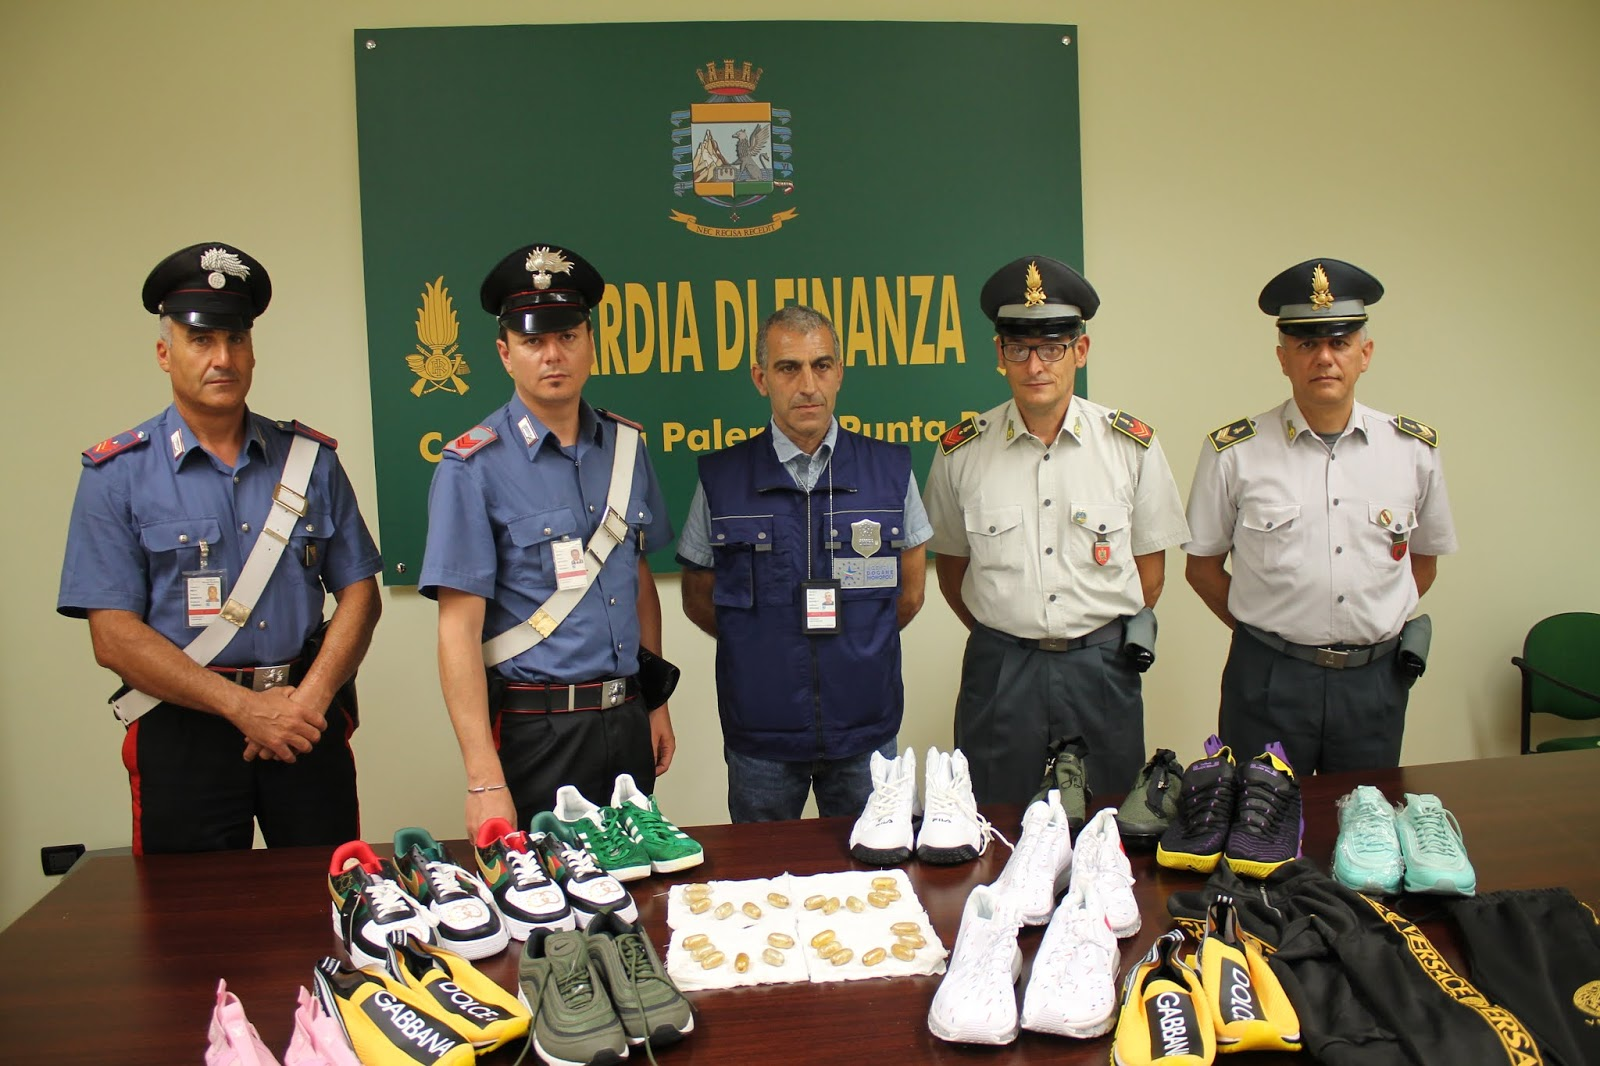 Venticinque ovuli di cocaina nello stomaco: arrestato a Punta Raisi a Palermo